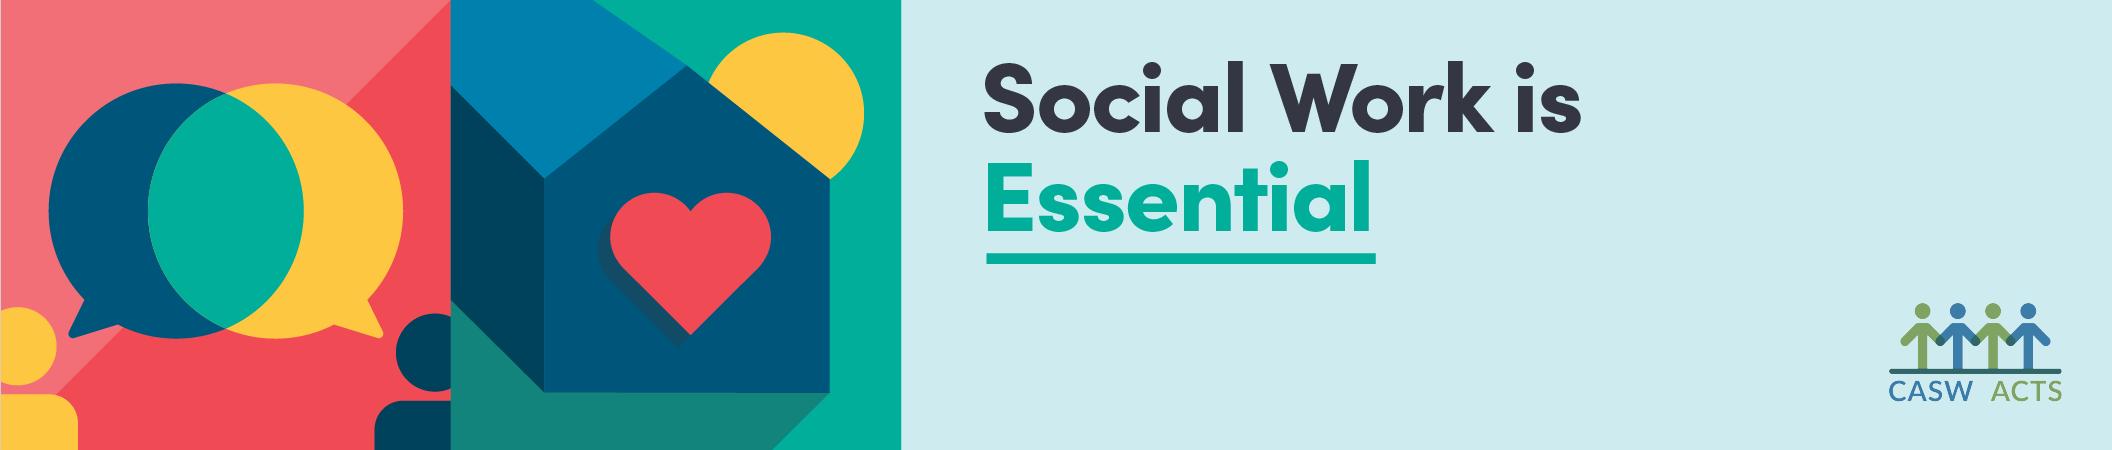 Social Work is Essential